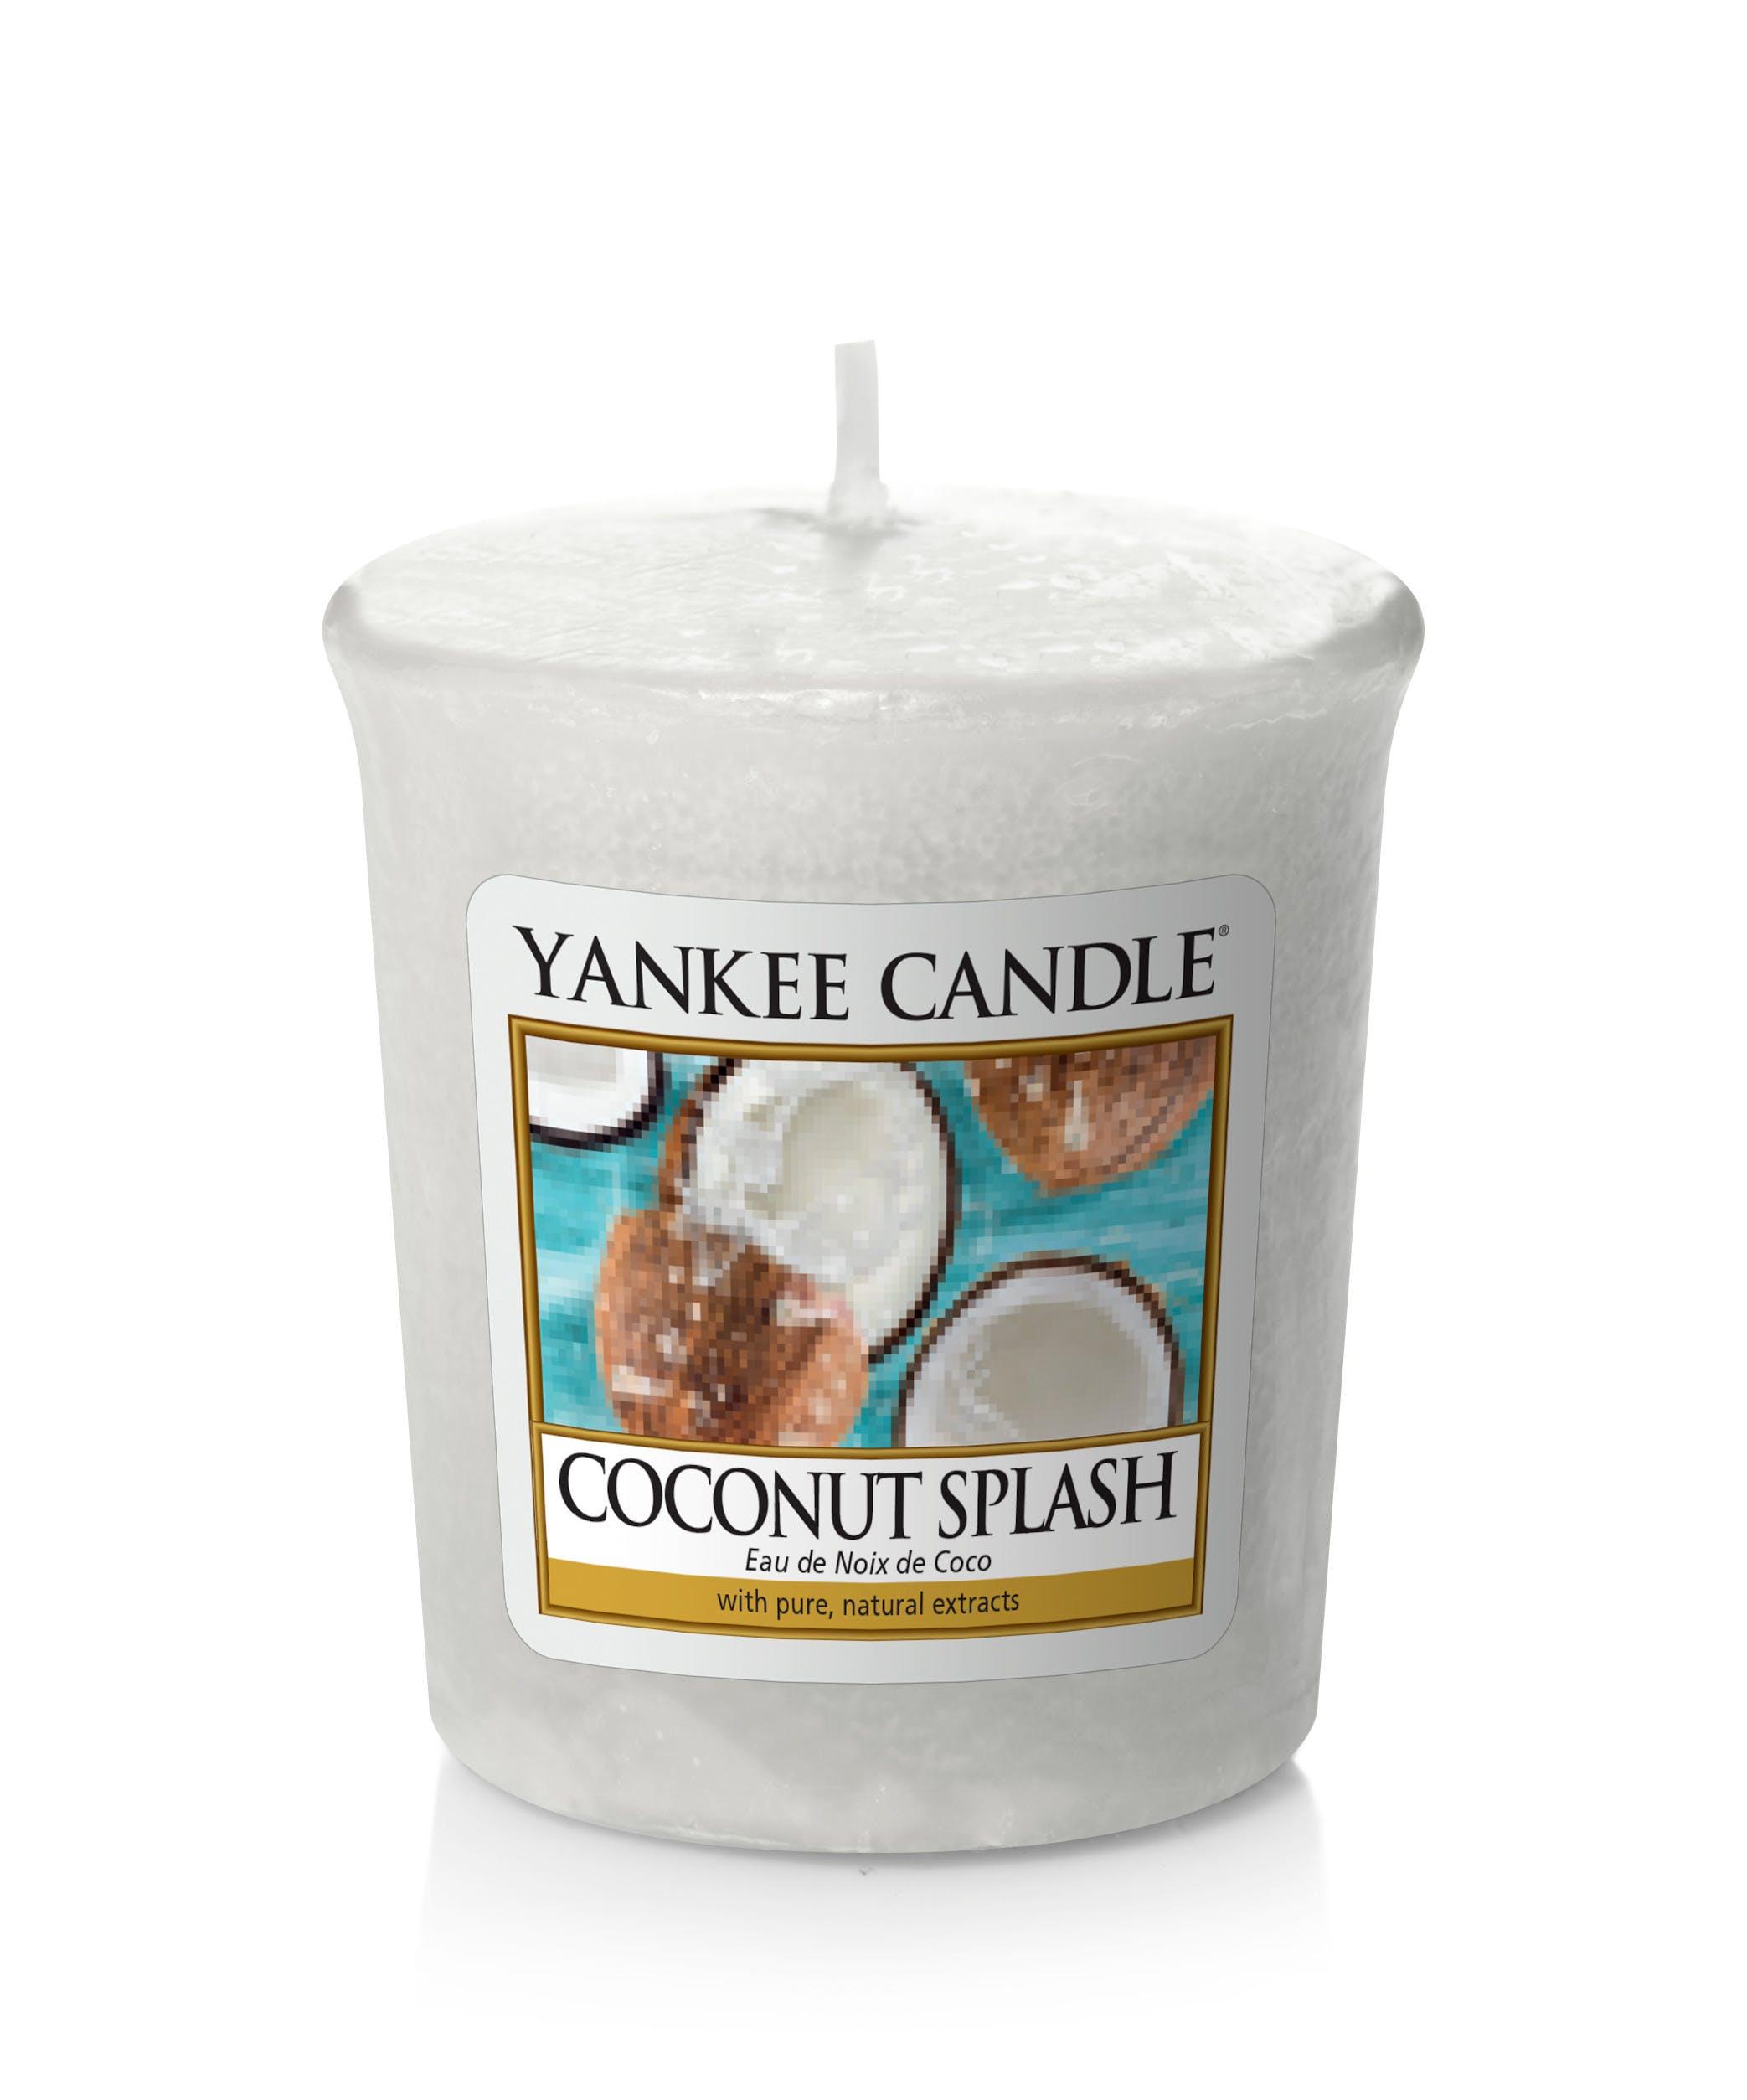 Eau de Coco bougie parfumée votive YANKEE CANDLE